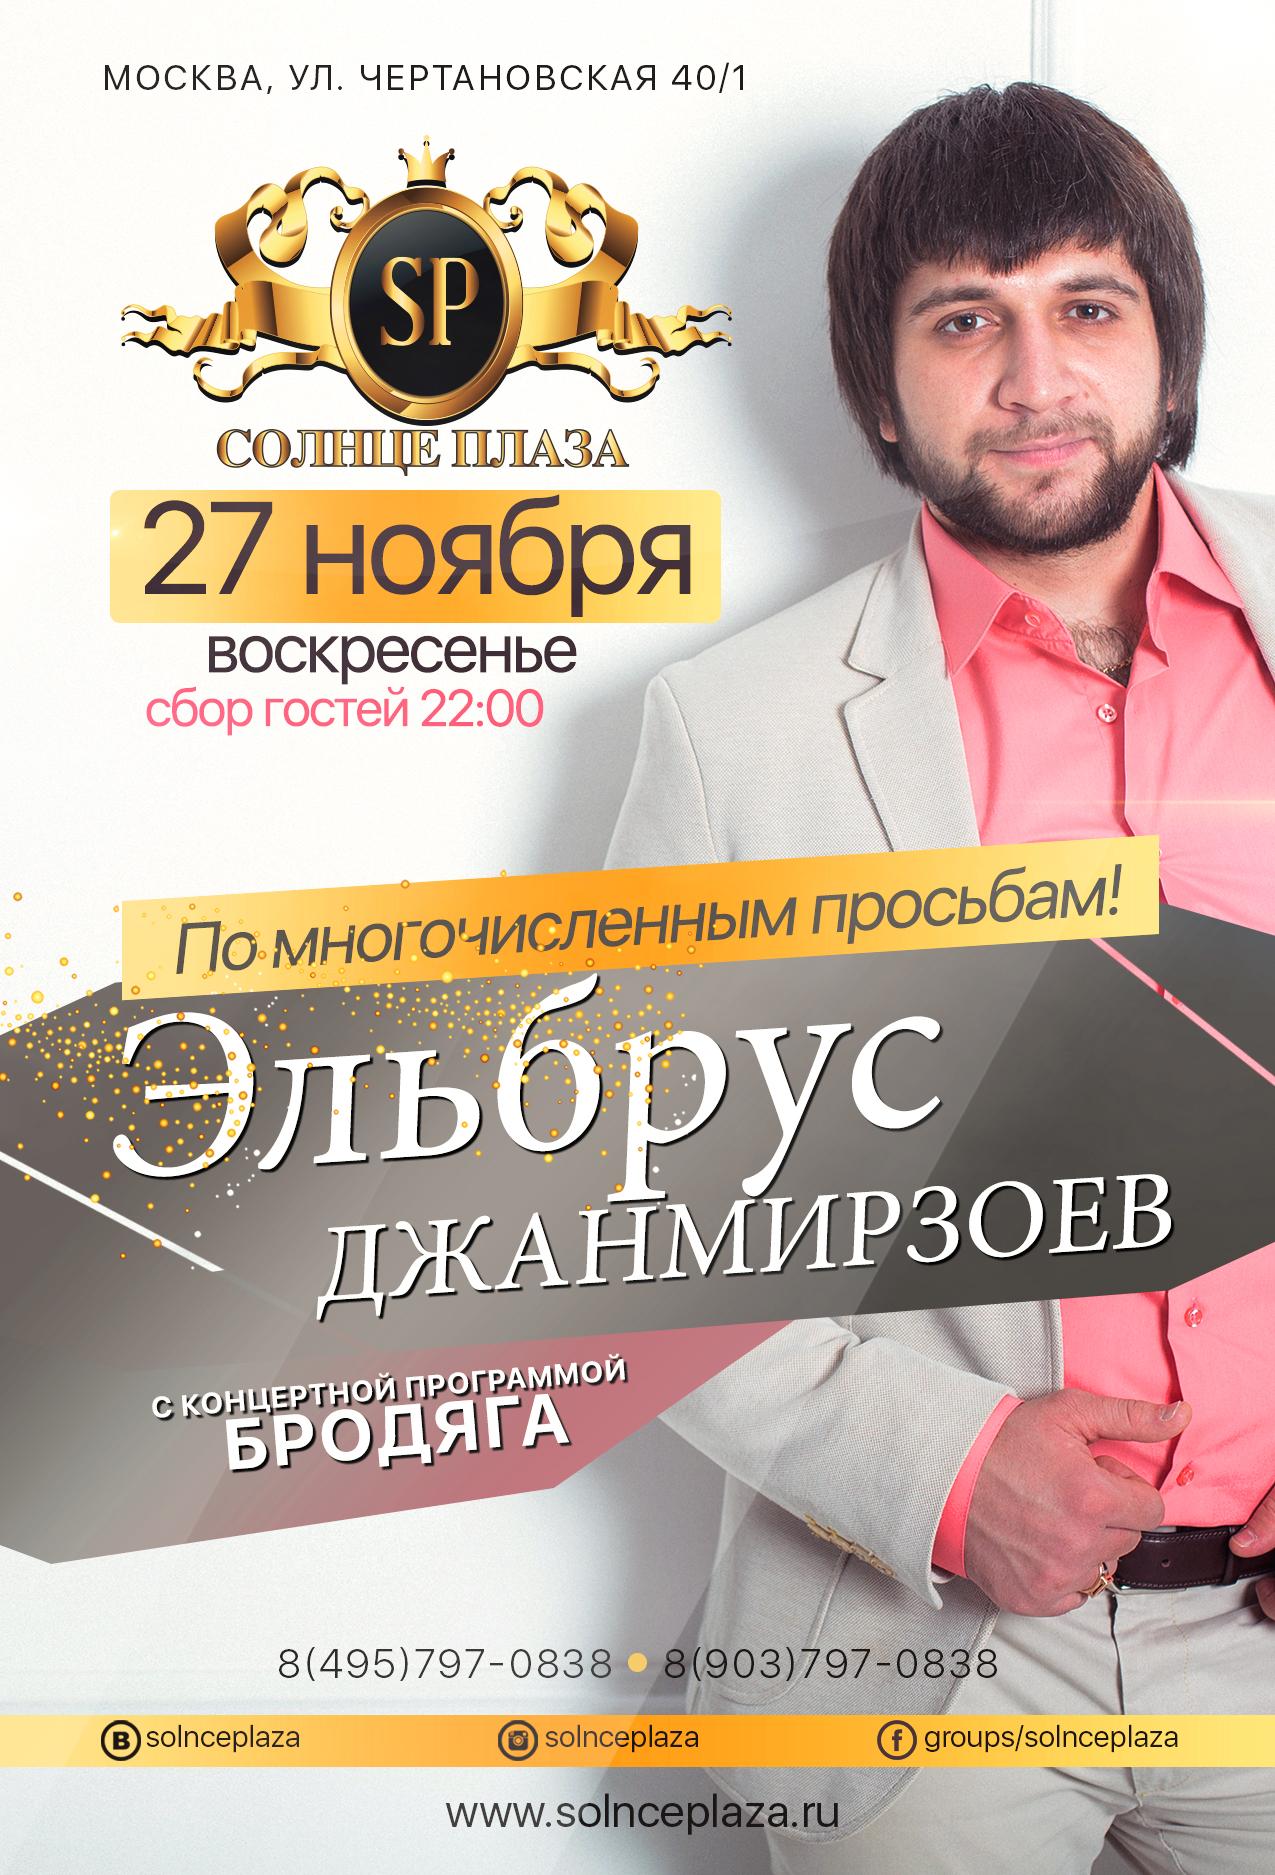 27.11.16 - ЭЛЬБРУС ДЖАНМИРЗОЕВ